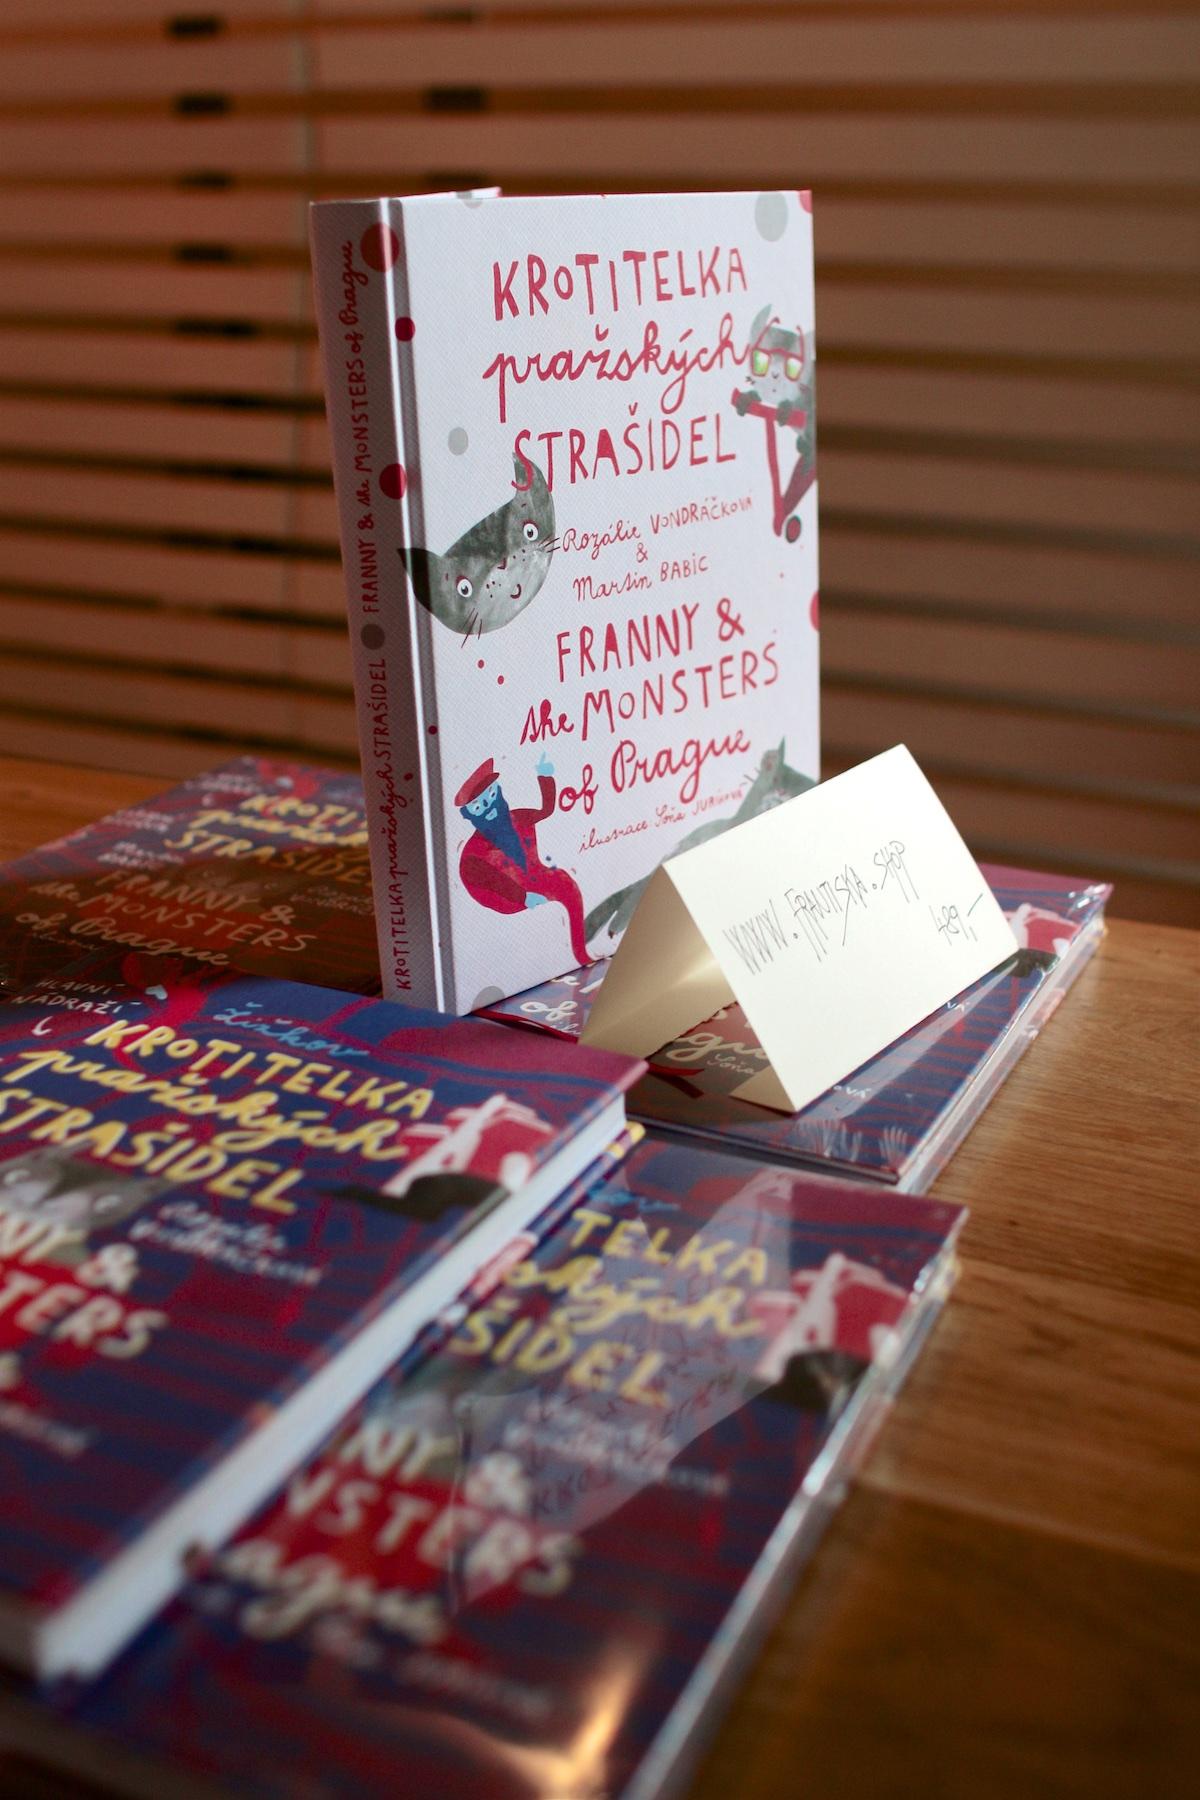 Kniha Krotitelka pražských strašidel je ke koupi jen online